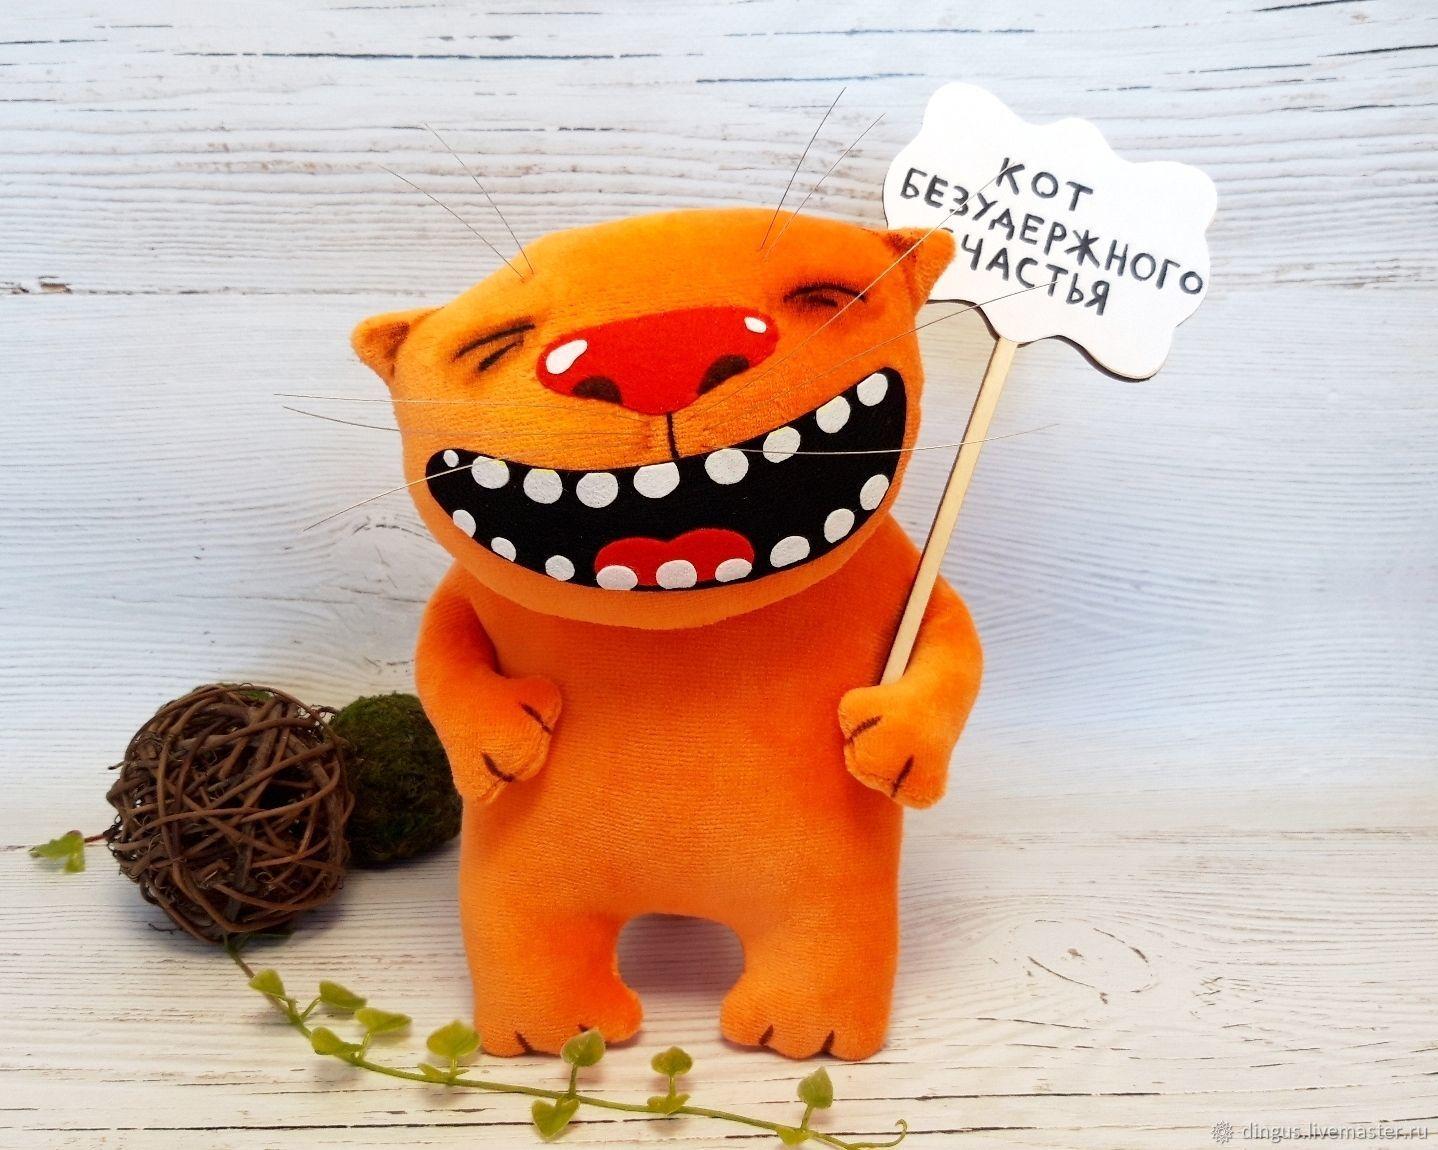 Кот безудержного счастья, мягкая игрушка рыжий кот Васи Ложкина, Мягкие игрушки, Москва,  Фото №1